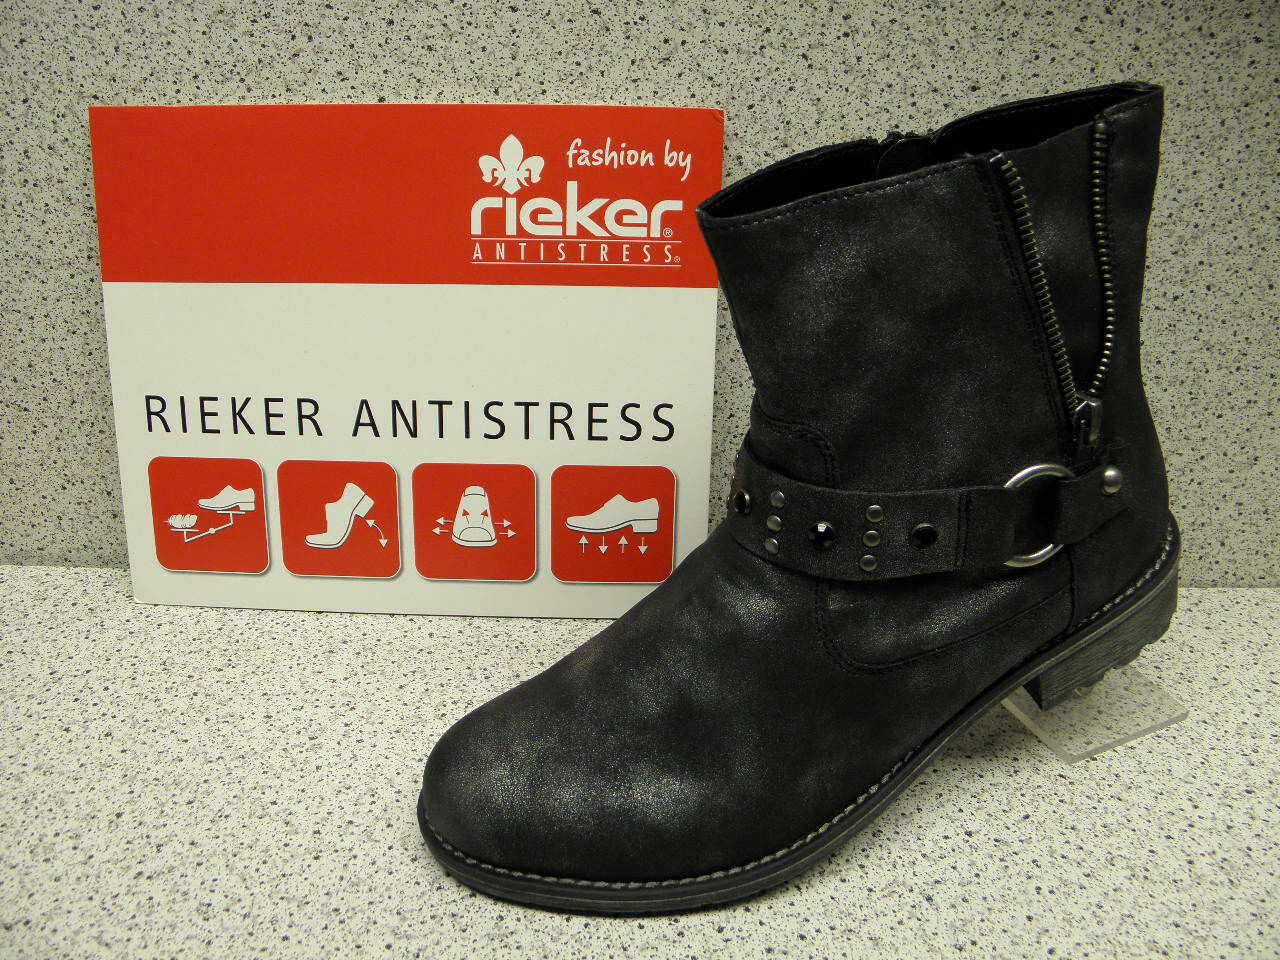 Rieker ® rotuziert,  bisher   + gratis Premium - Socken K3485-45 (R156)